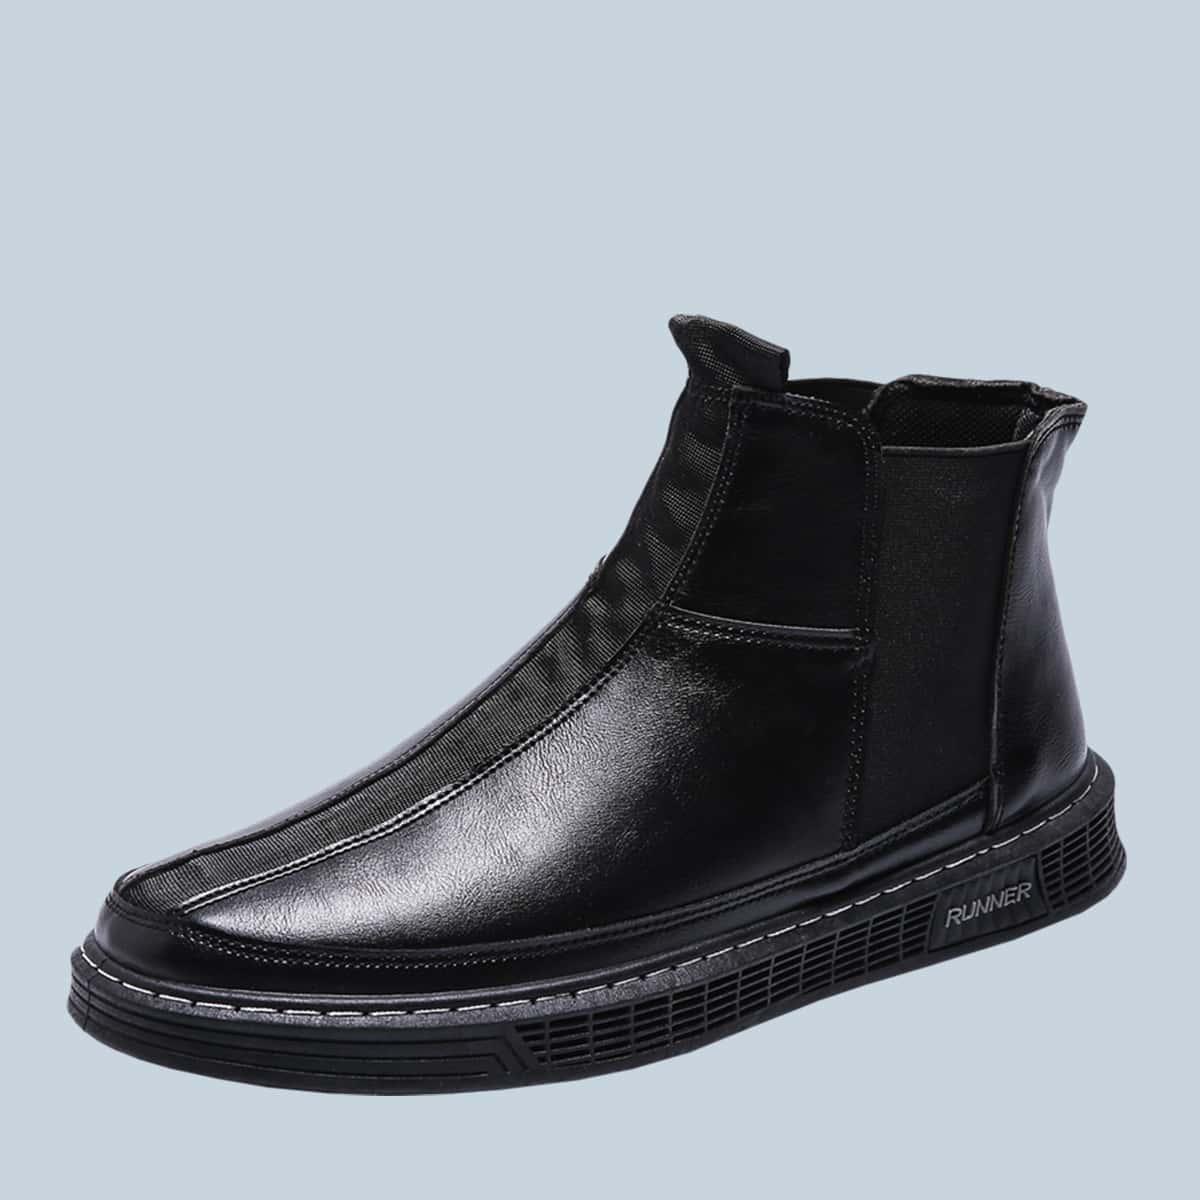 SHEIN / Männer minimalistischer Chelsea Stiefel